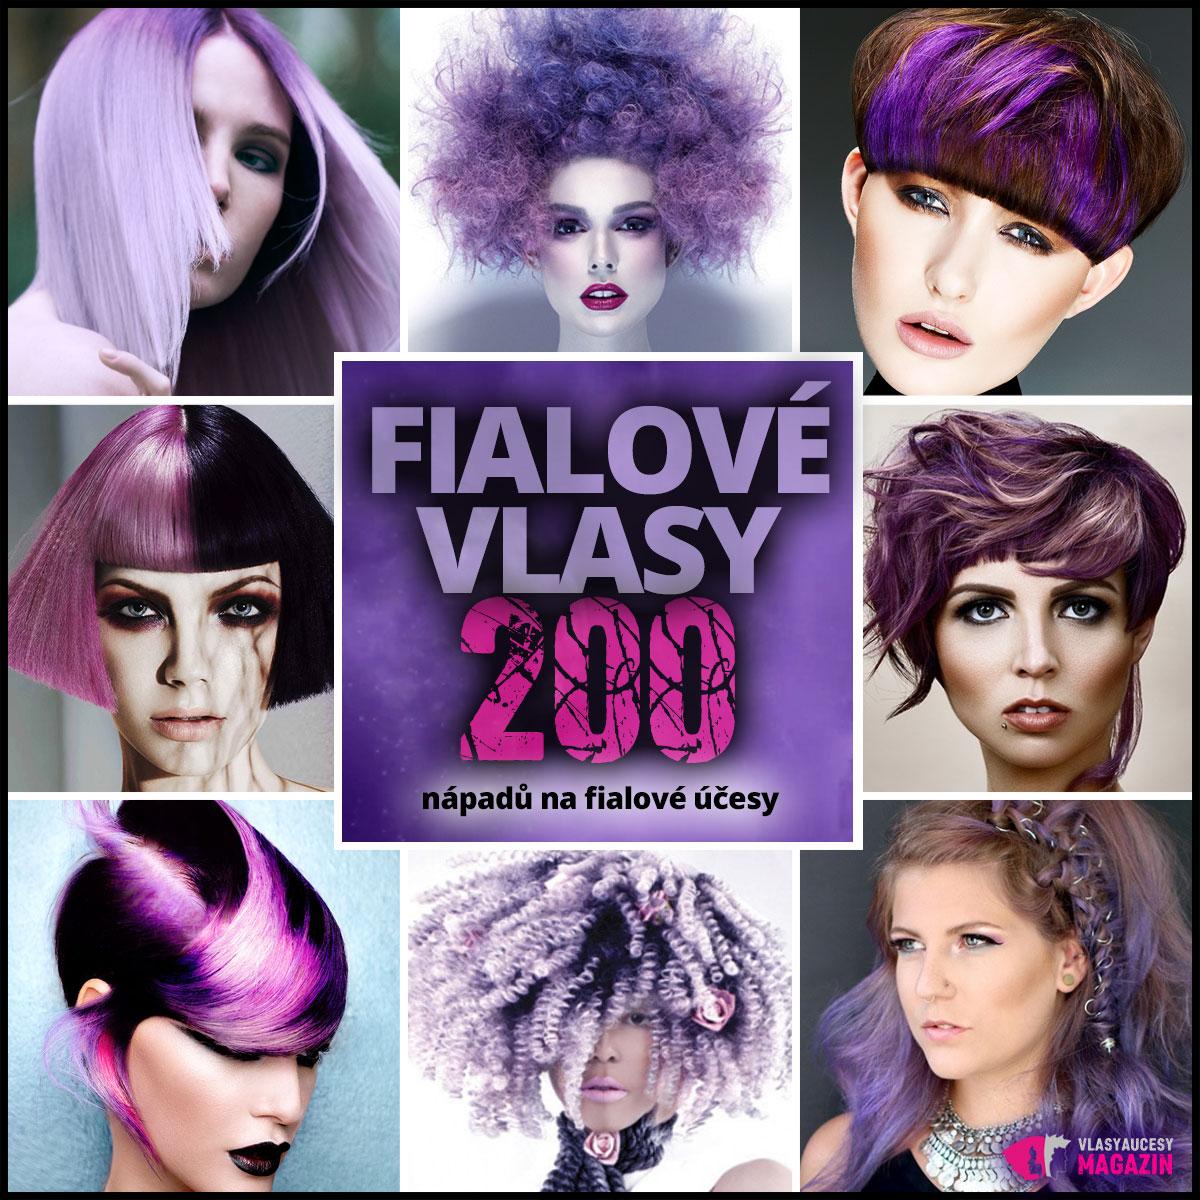 Fialové vlasy jsou novým trendem. Máme pro vás největší galerii s nápady, jak si obarvit vlasy na fialovo.